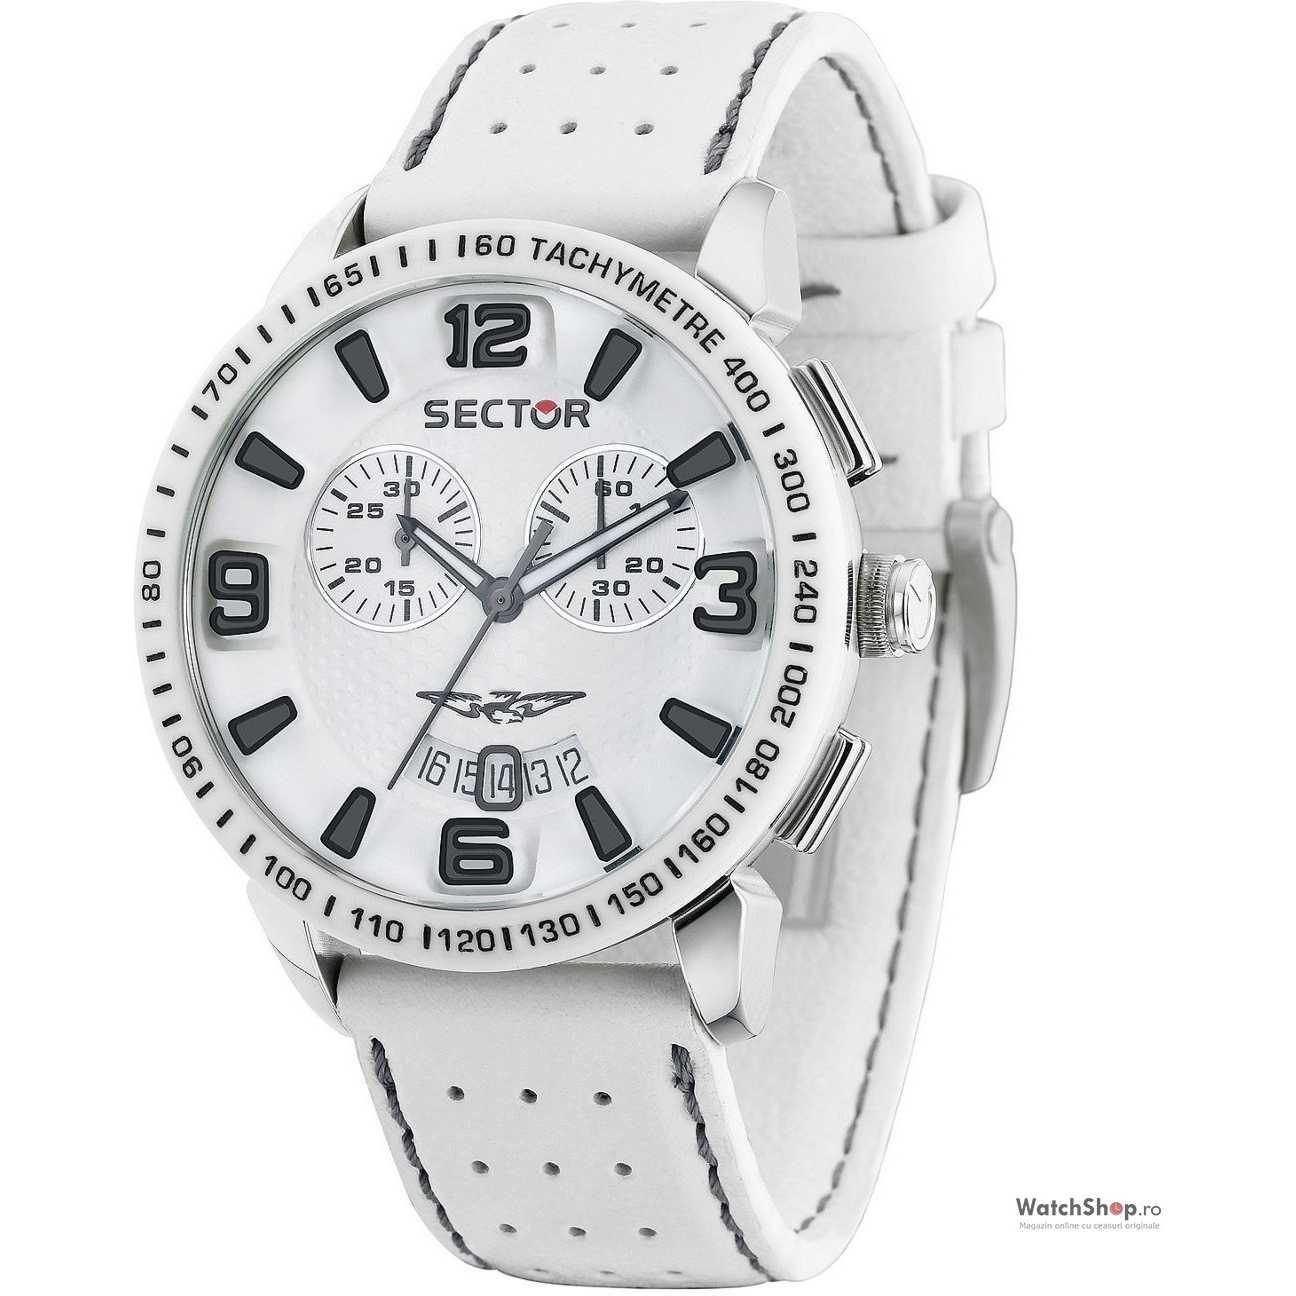 Ceas Sector MARINE R3271619001